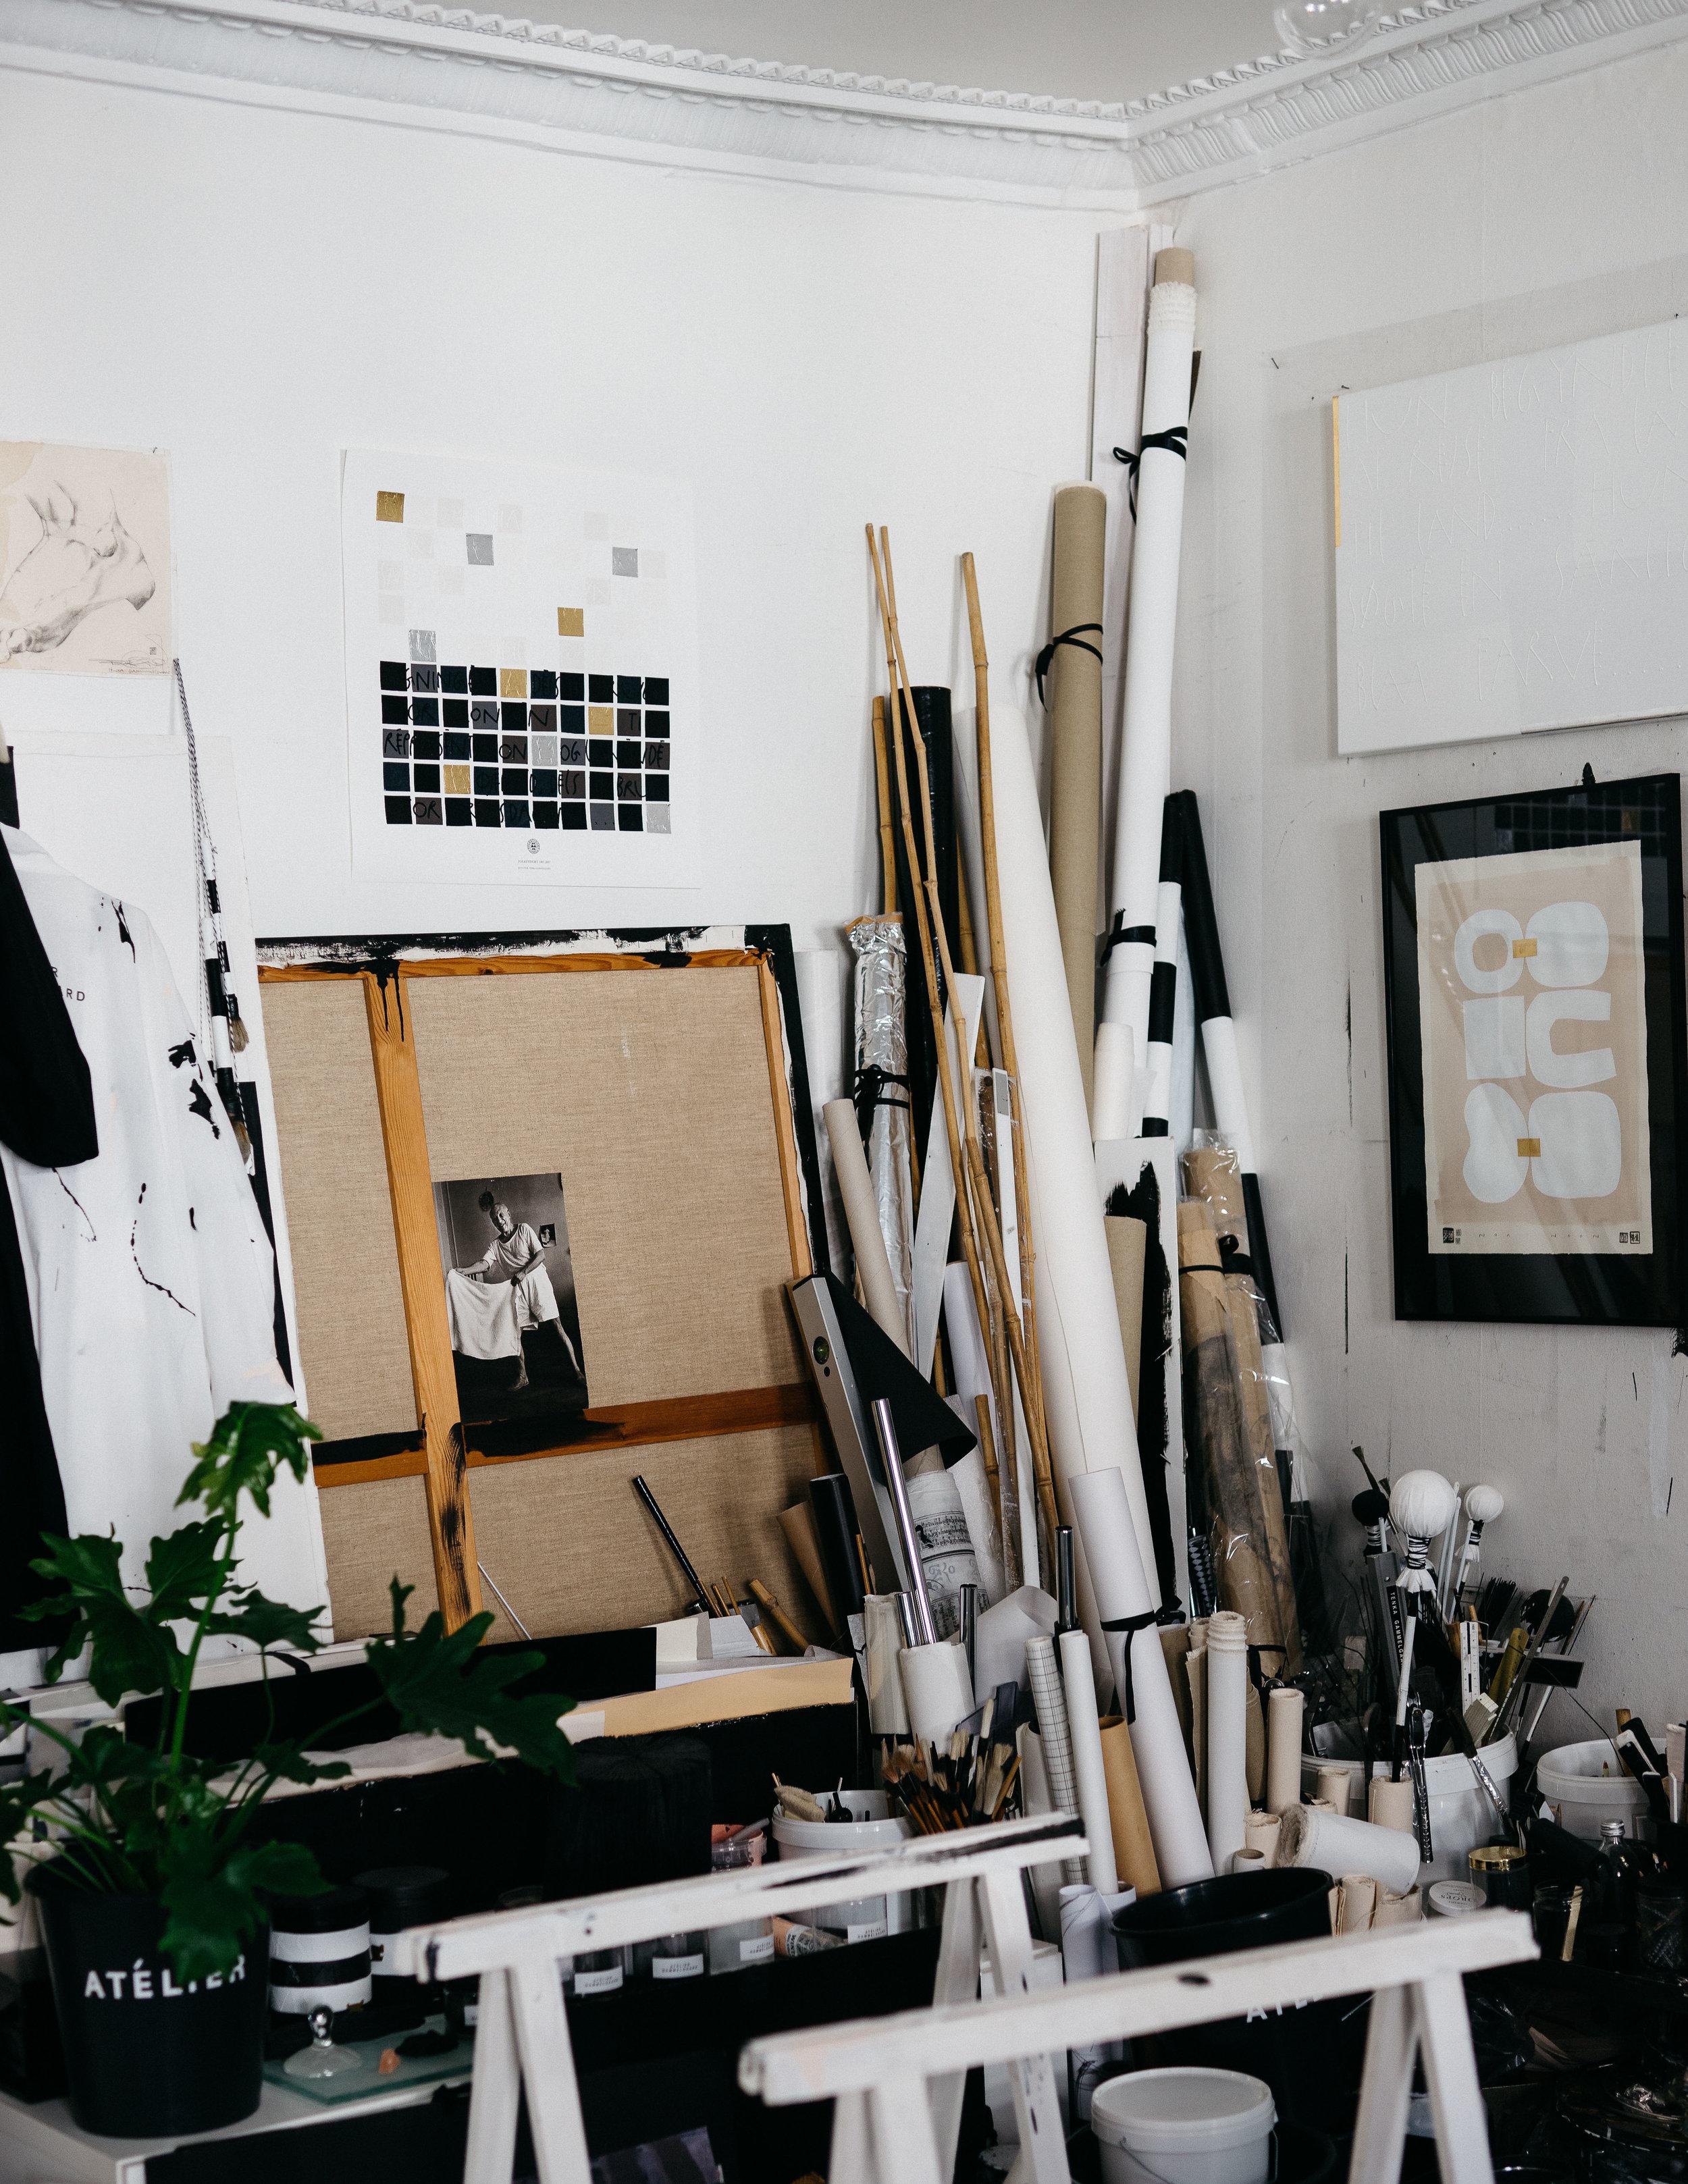 ASROSENVINGE_Artist portrait_Noa Gammelgaard_Atelier-02001.jpg